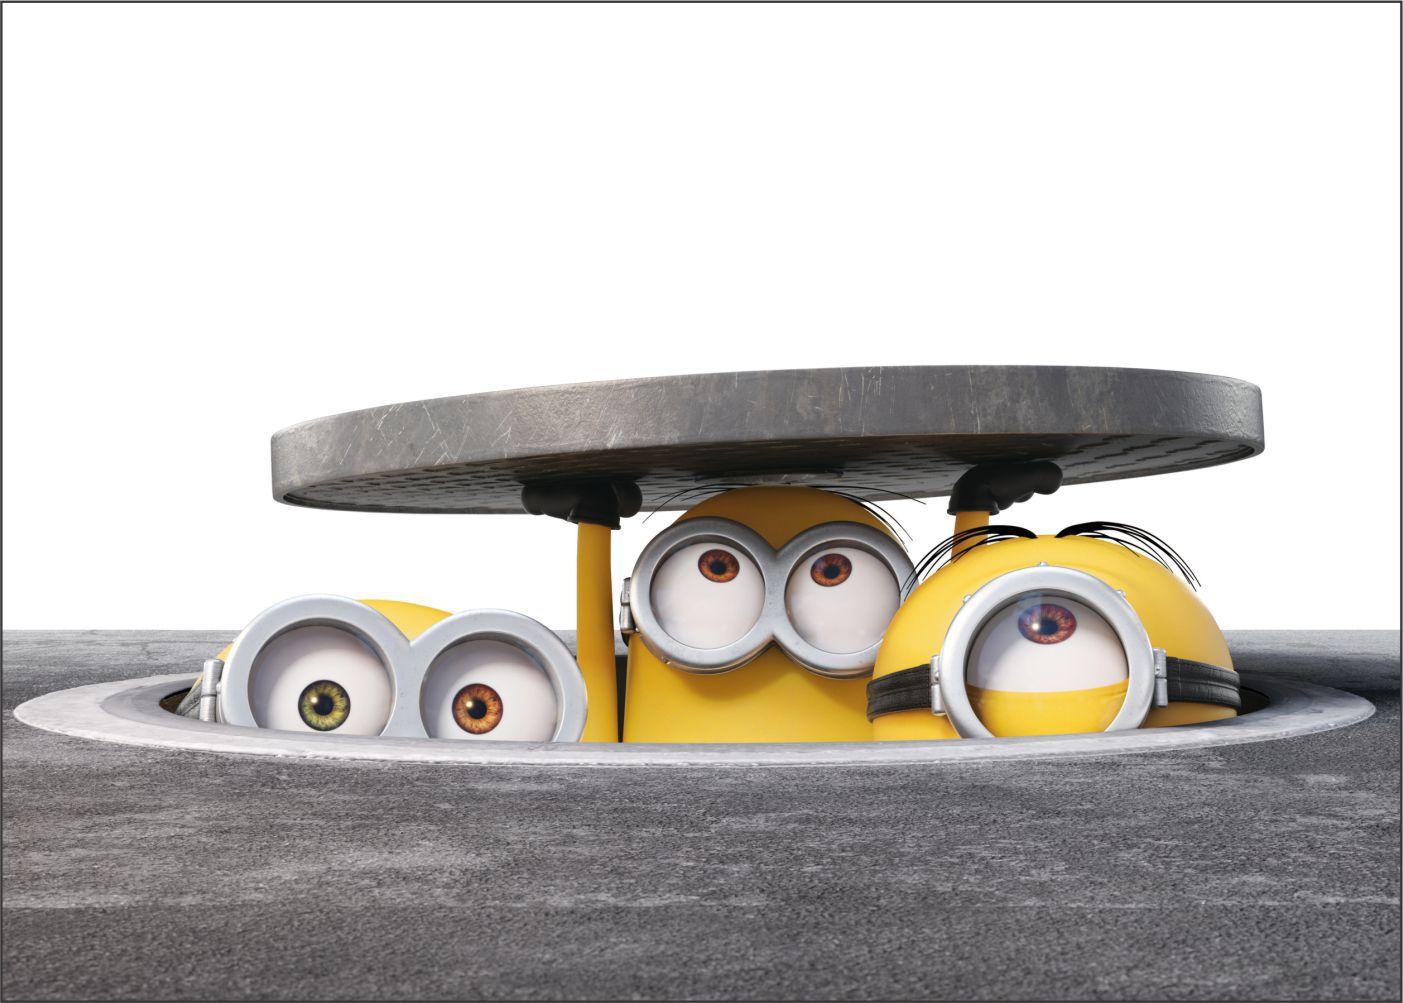 Papel de Parede 3D Minions 0013 - Adesivos de Parede  - Paredes Decoradas